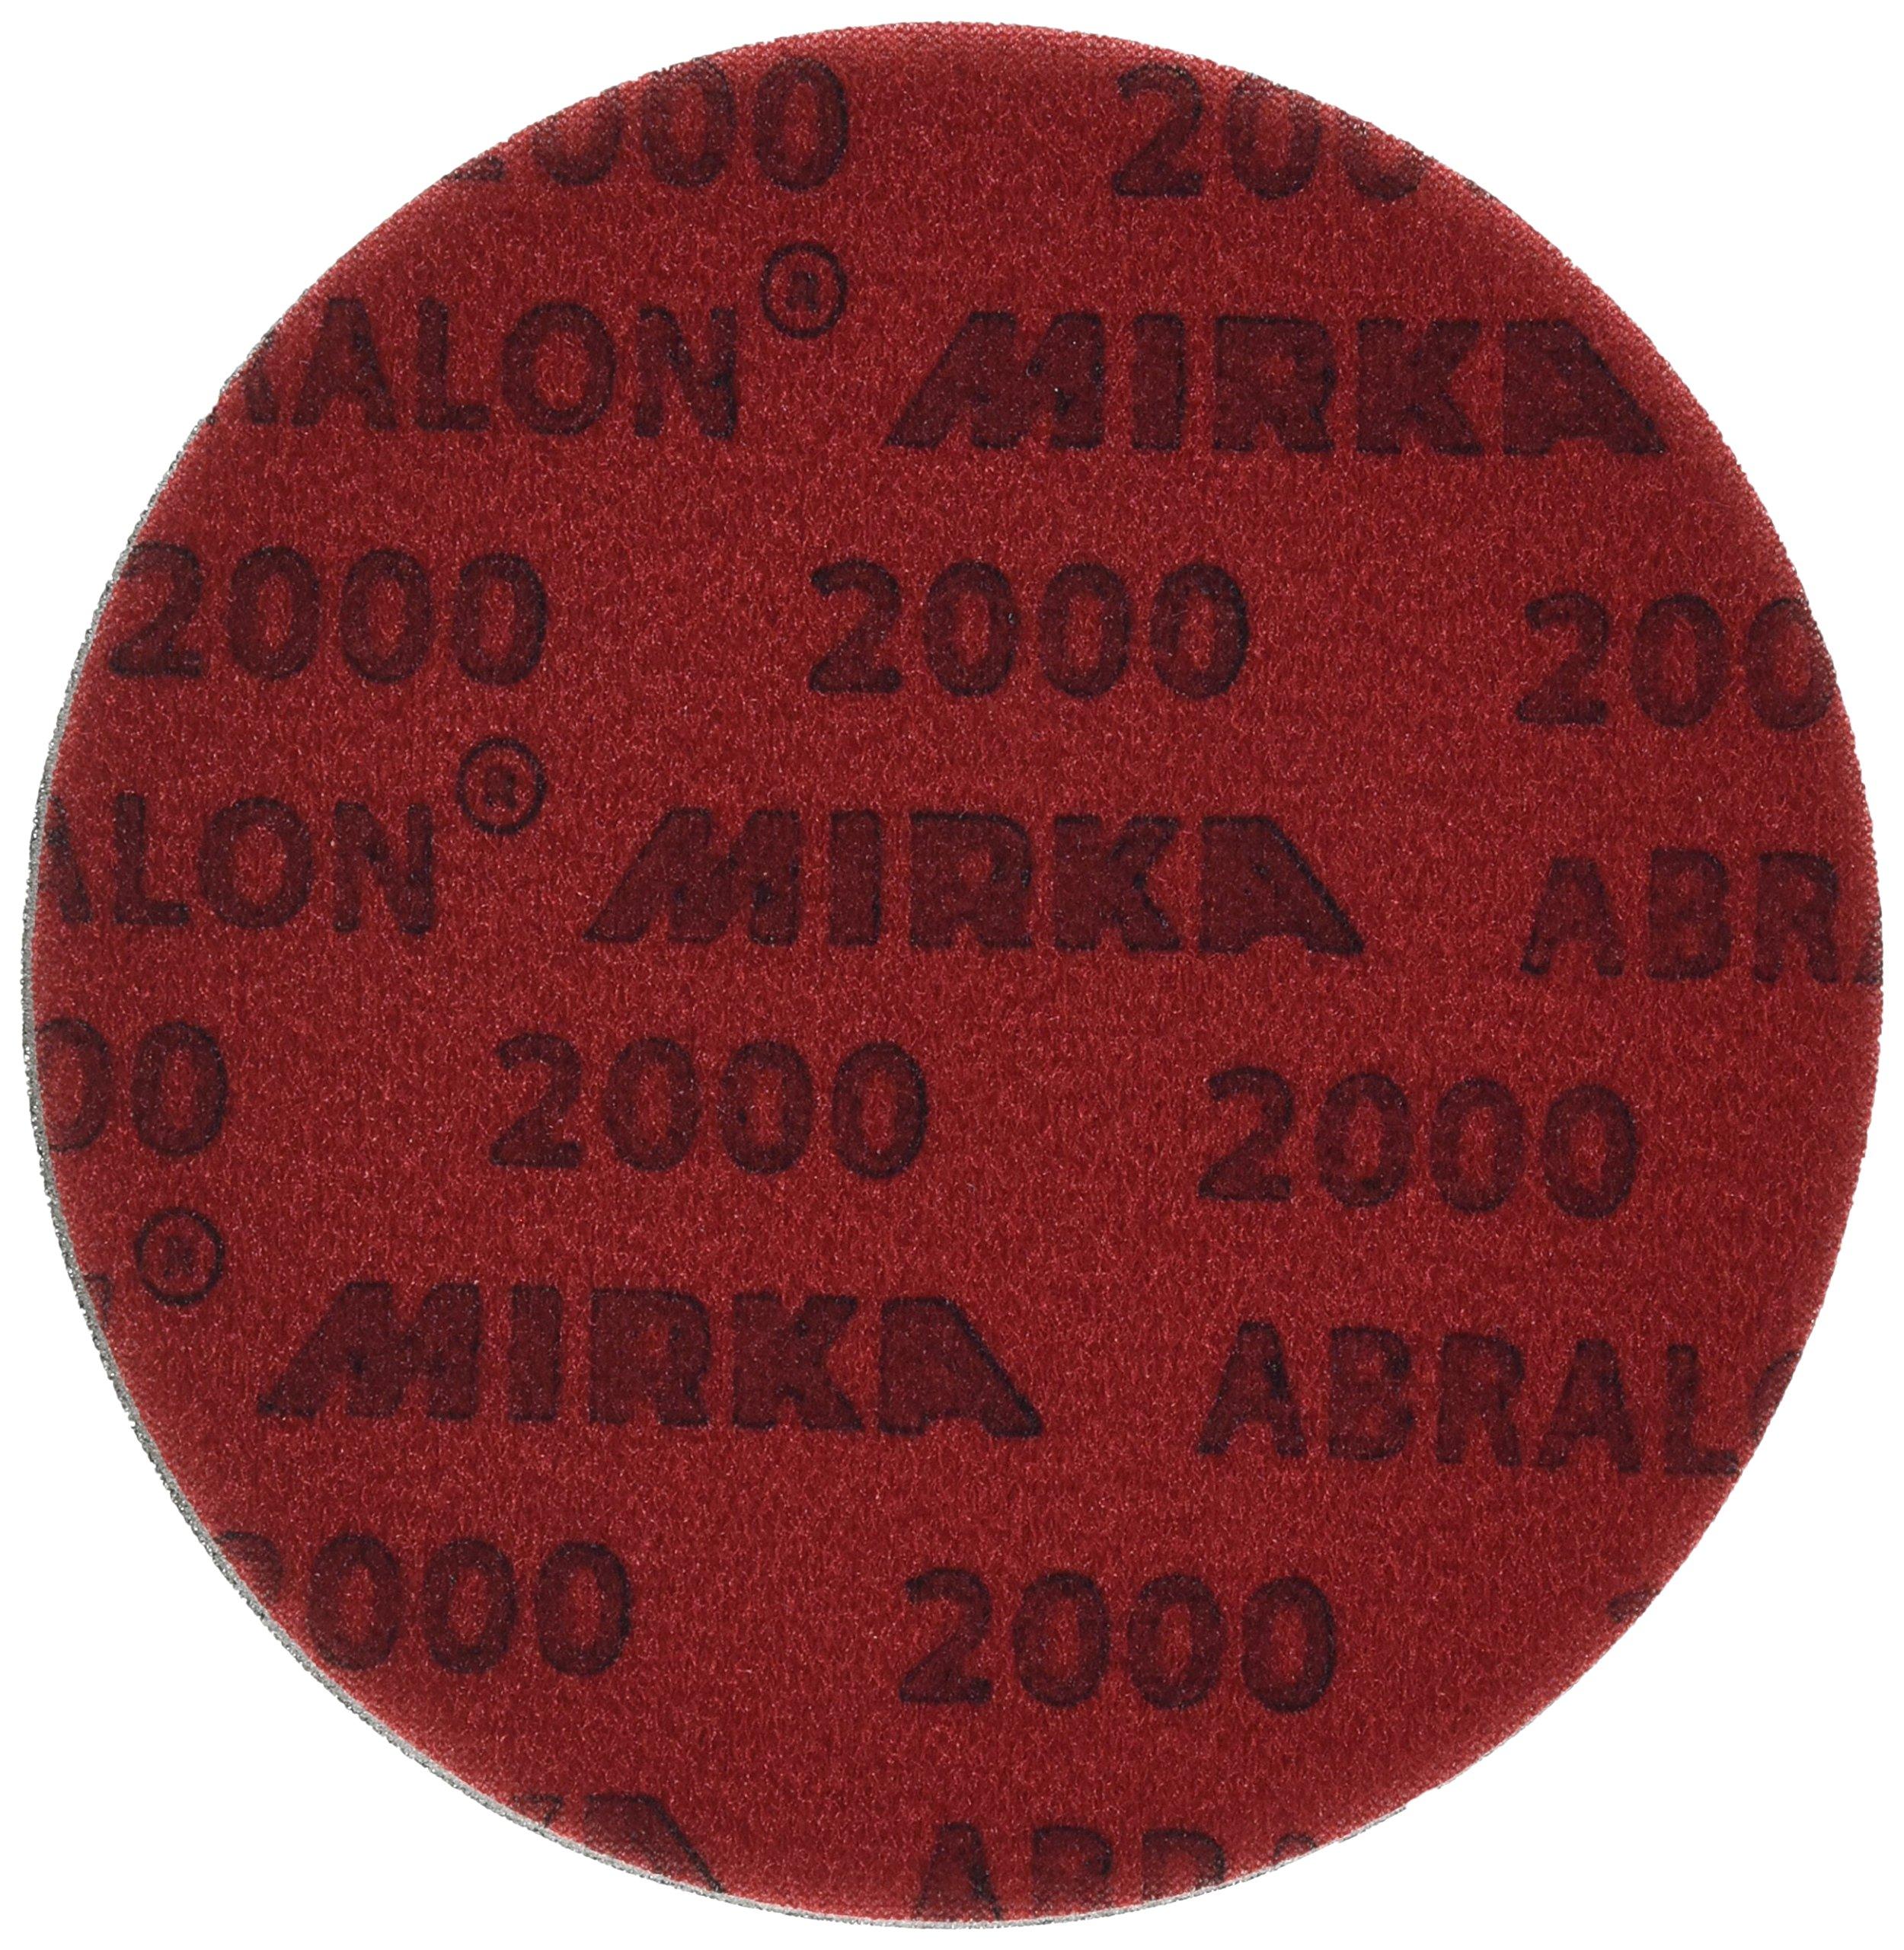 Mirka 8A-241-2000 Abralon 2000 Grit Foam Backed Velcro Hook Polishing & Buffing Discs, 6 Inch, 20 Discs